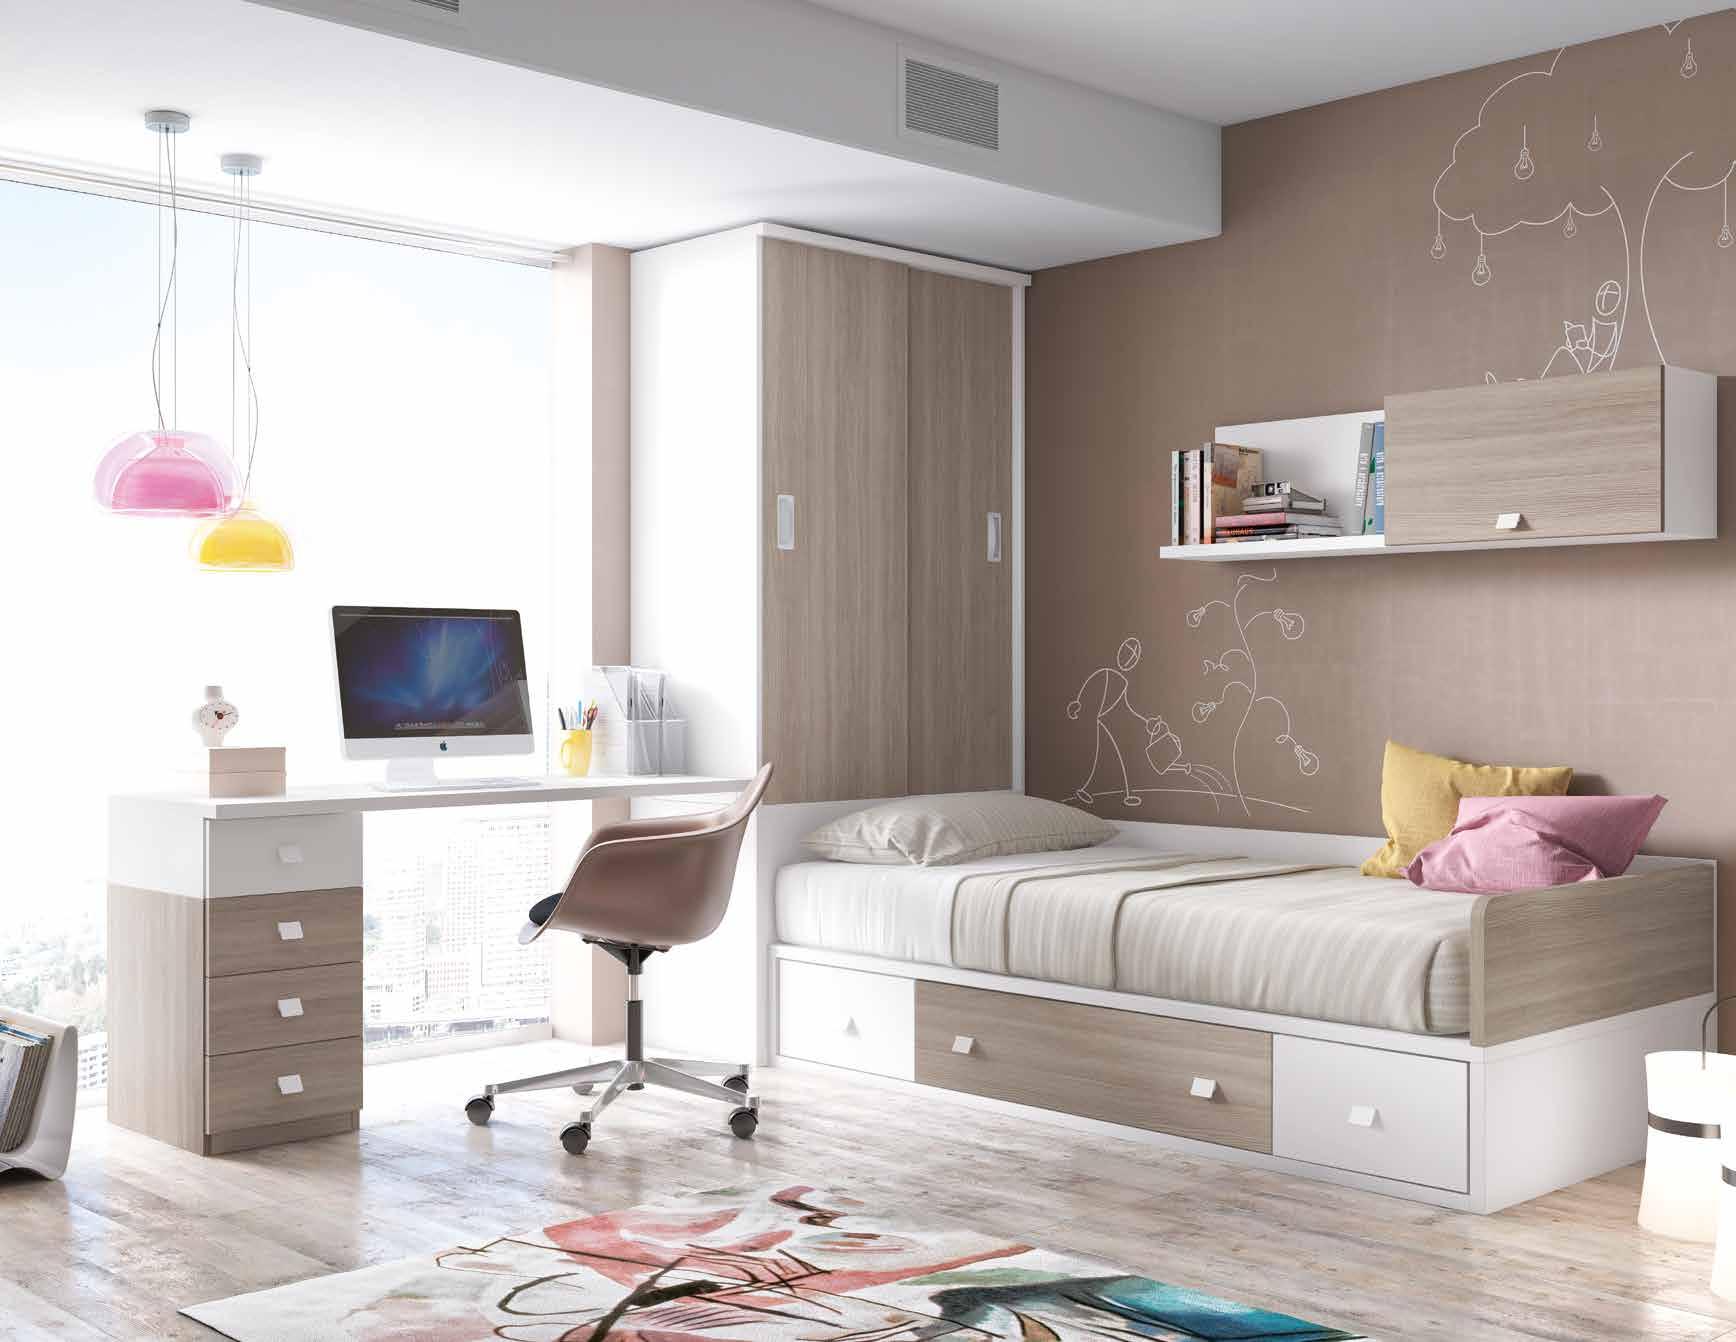 279 dormitorios f 44 muebles el molinero - Www dormitorios juveniles ...